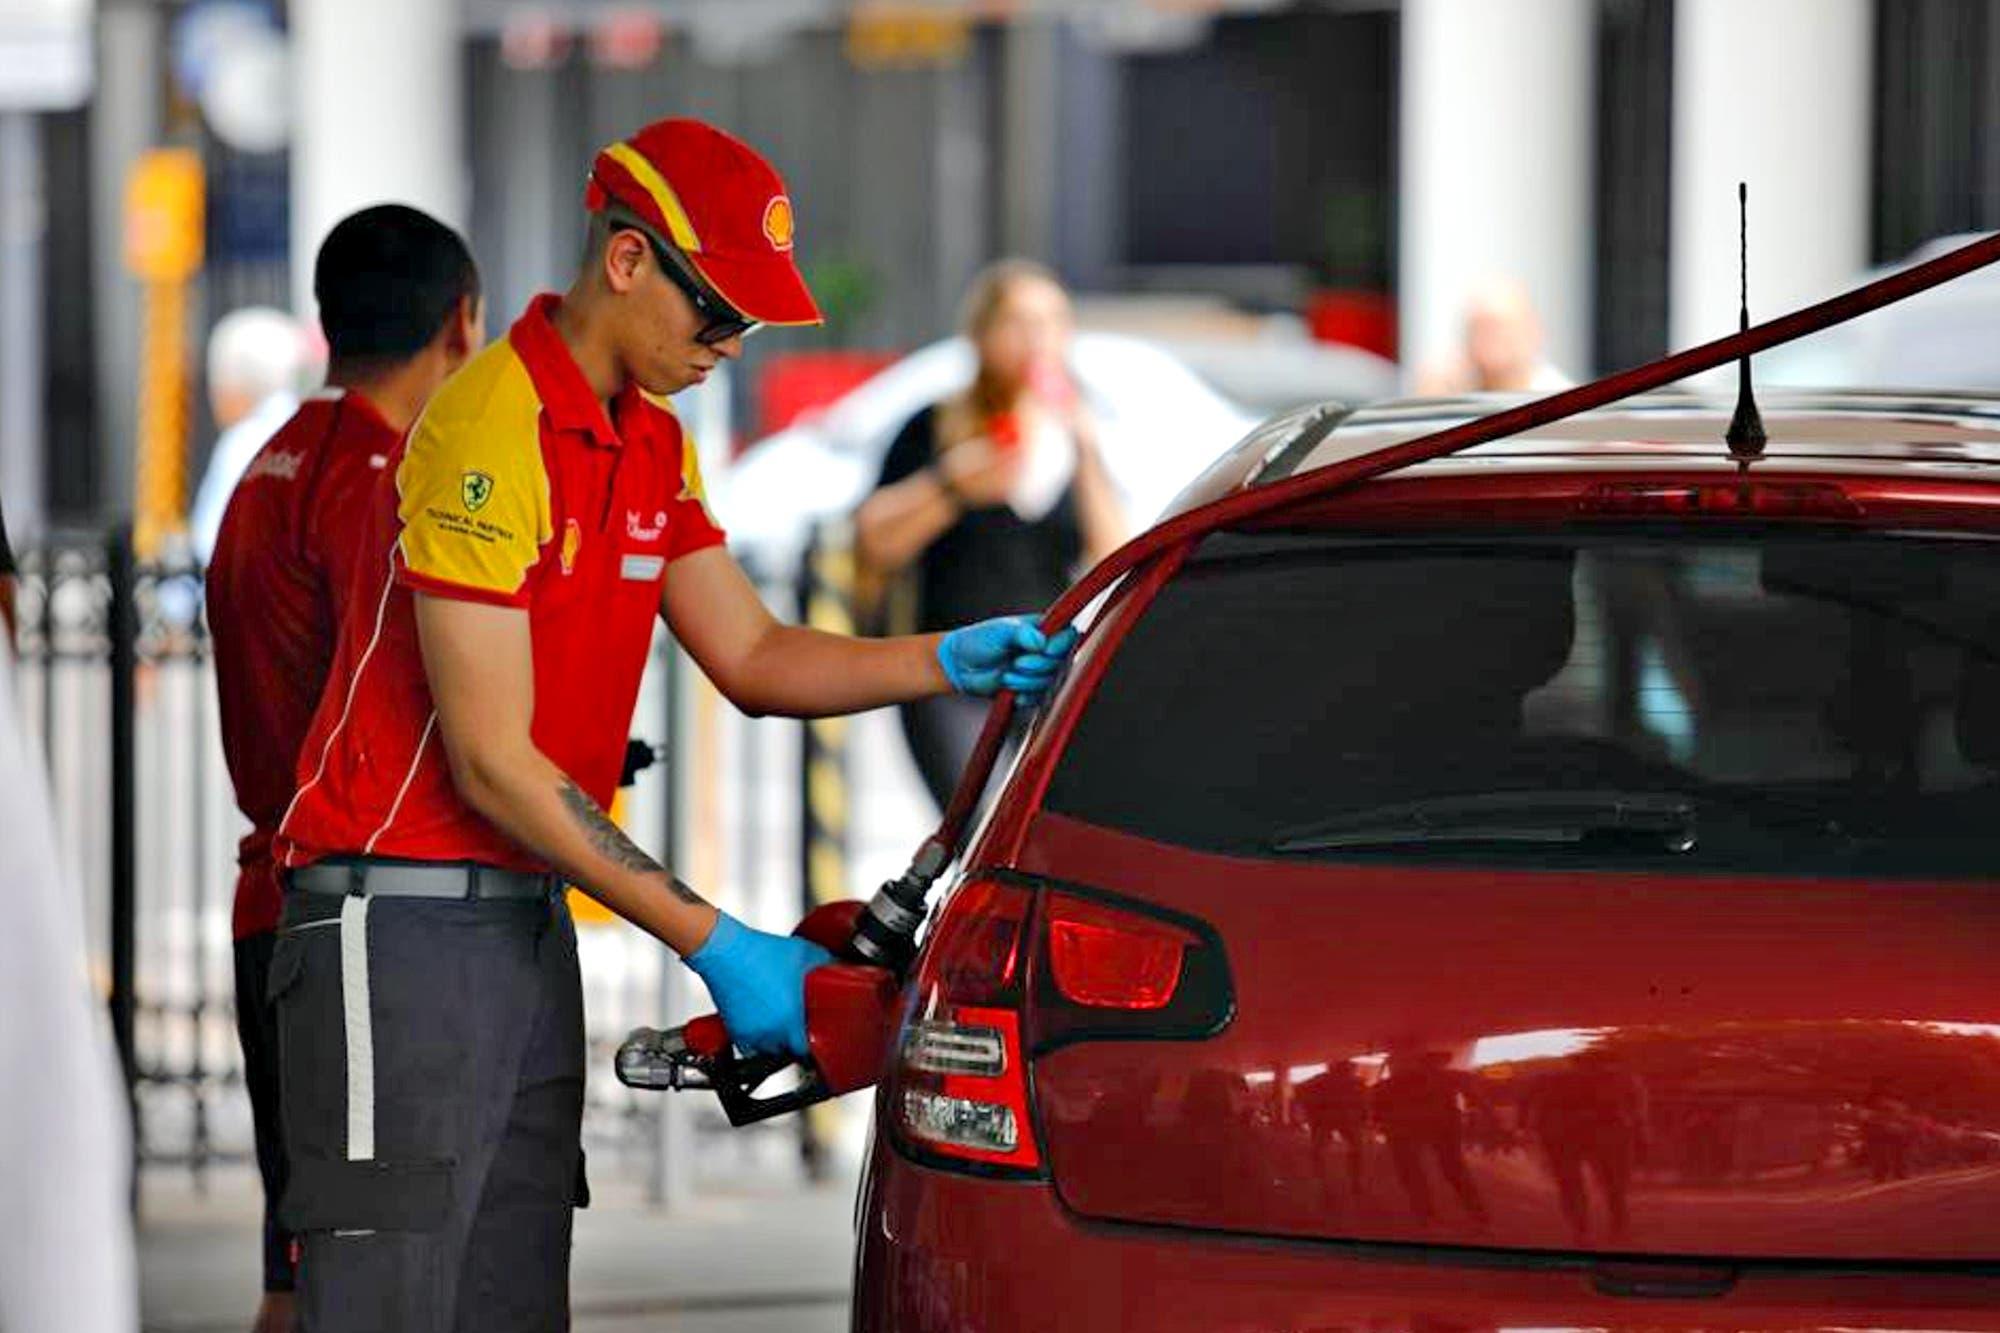 Naftas y gasoil. Tras el fin del congelamiento, las petroleras aumentaron 5% en la madrugada